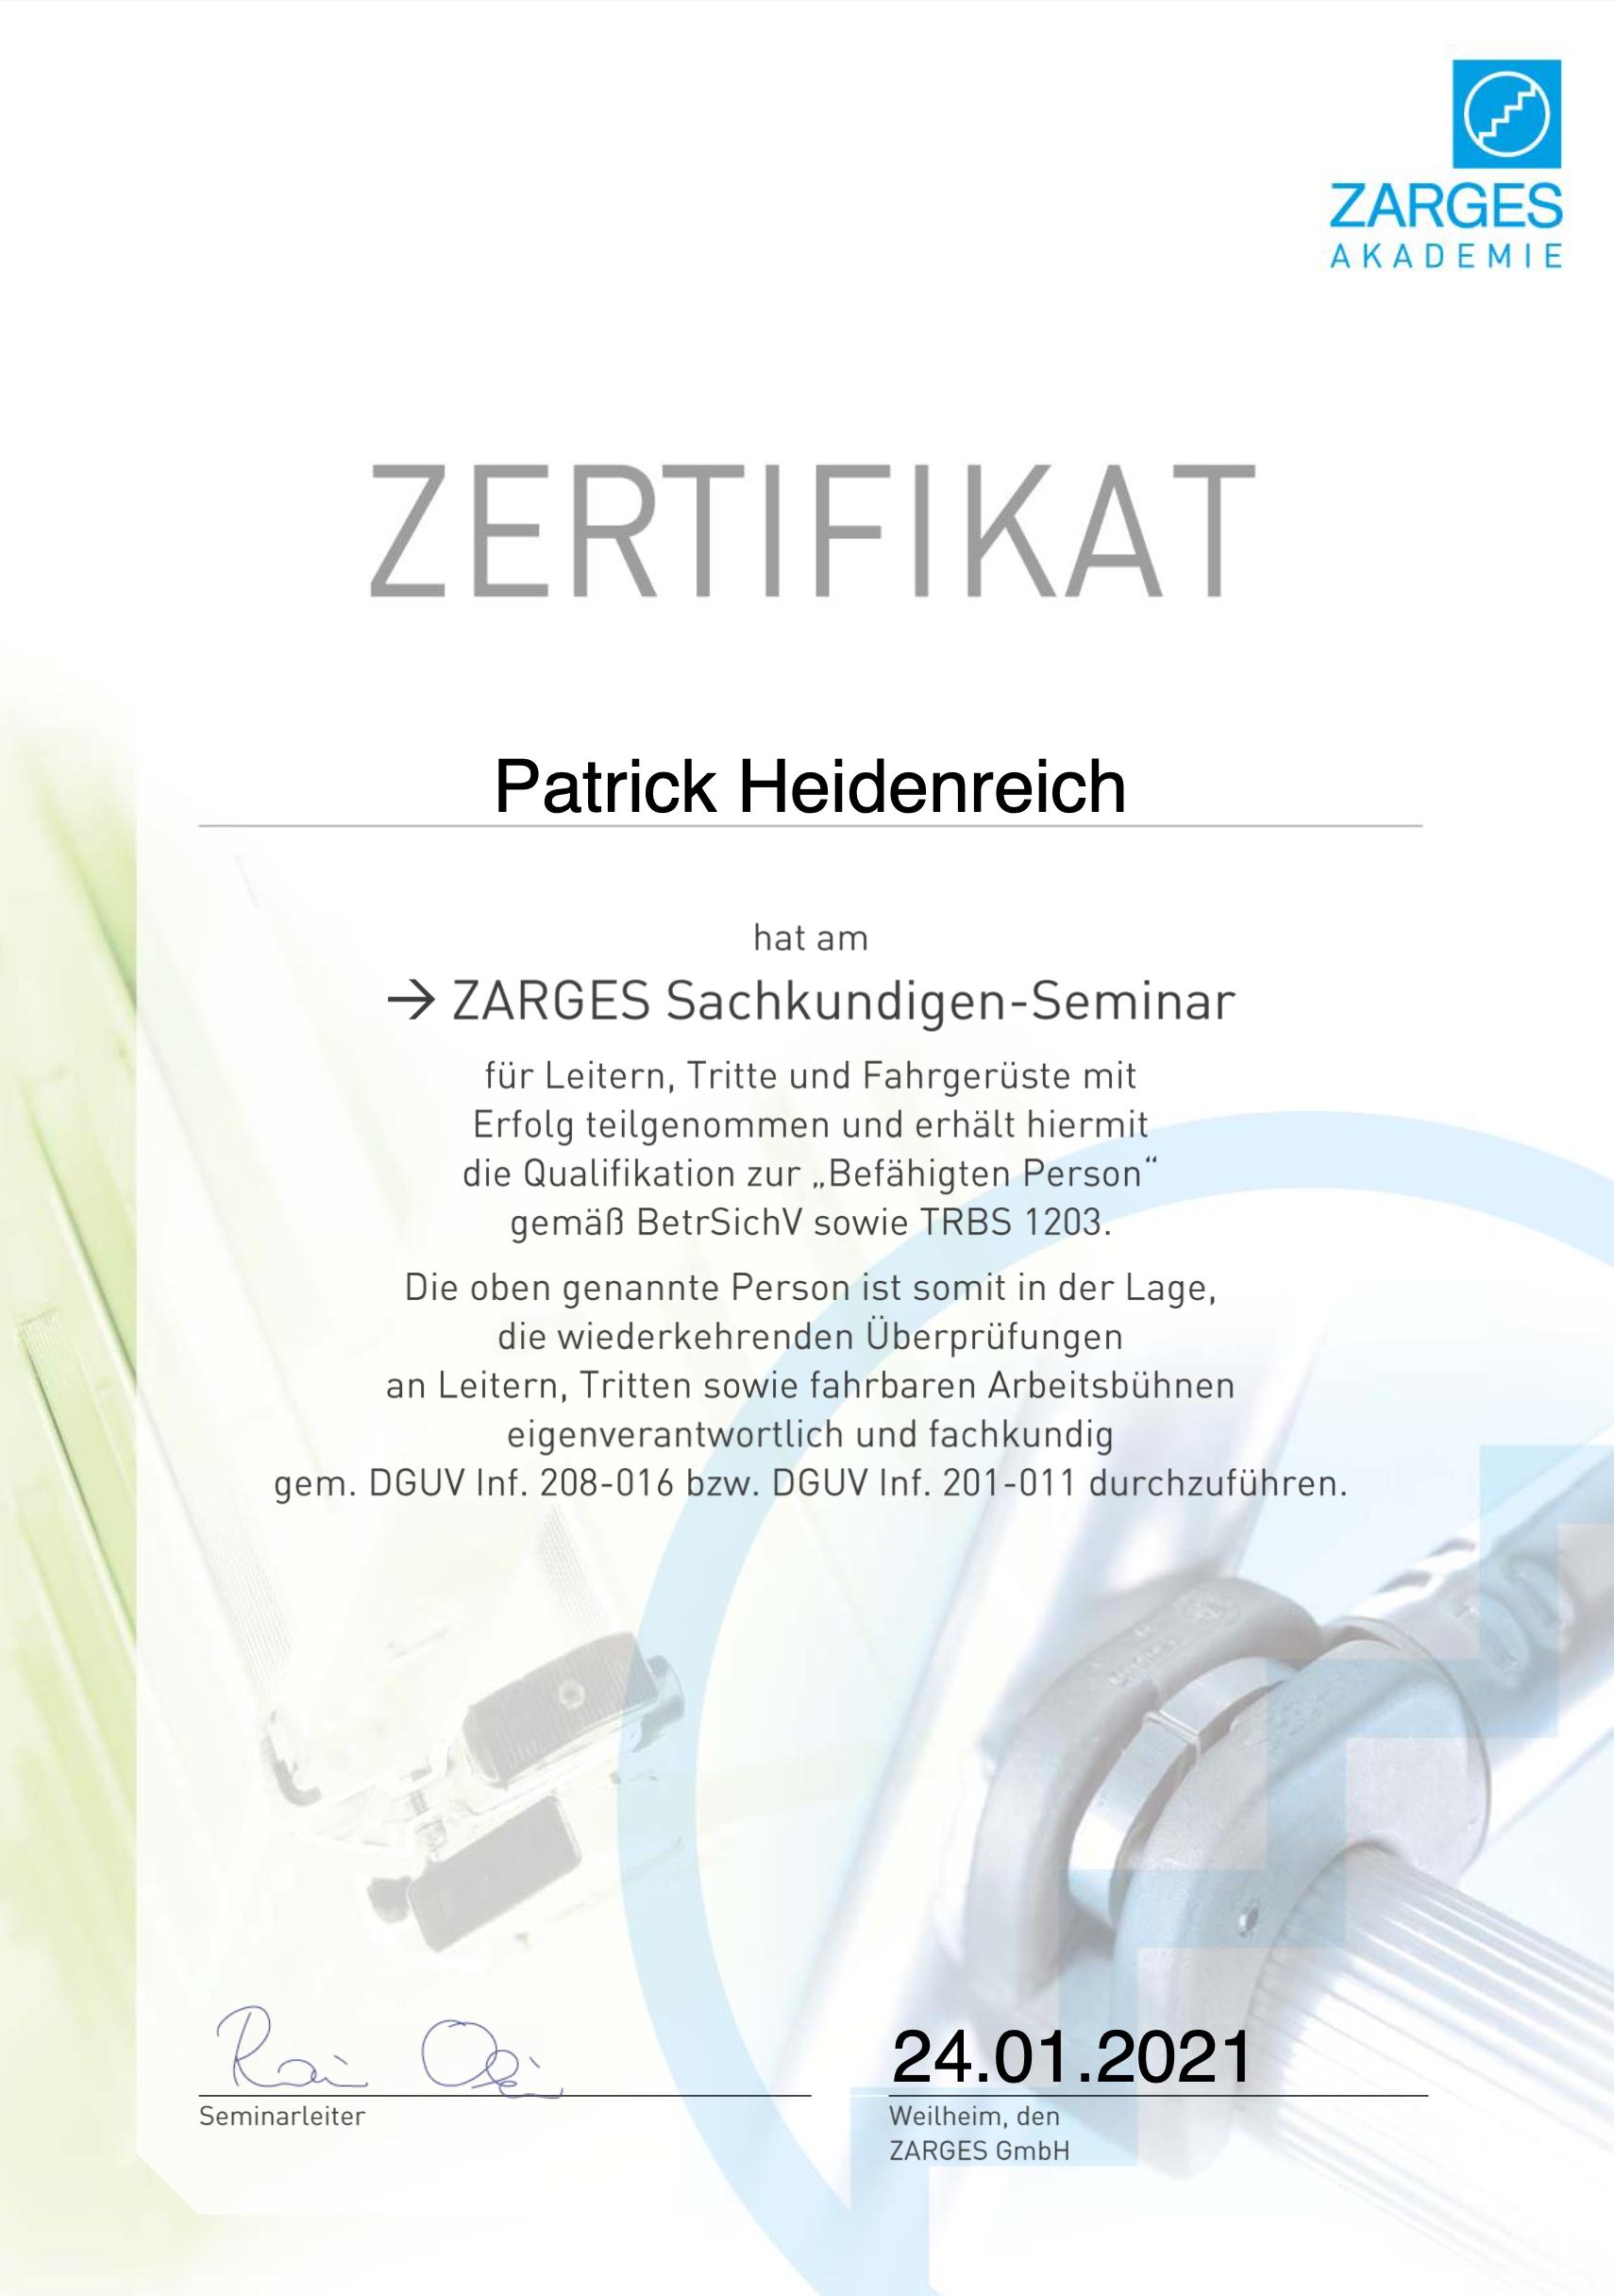 Patrick Heidenreich